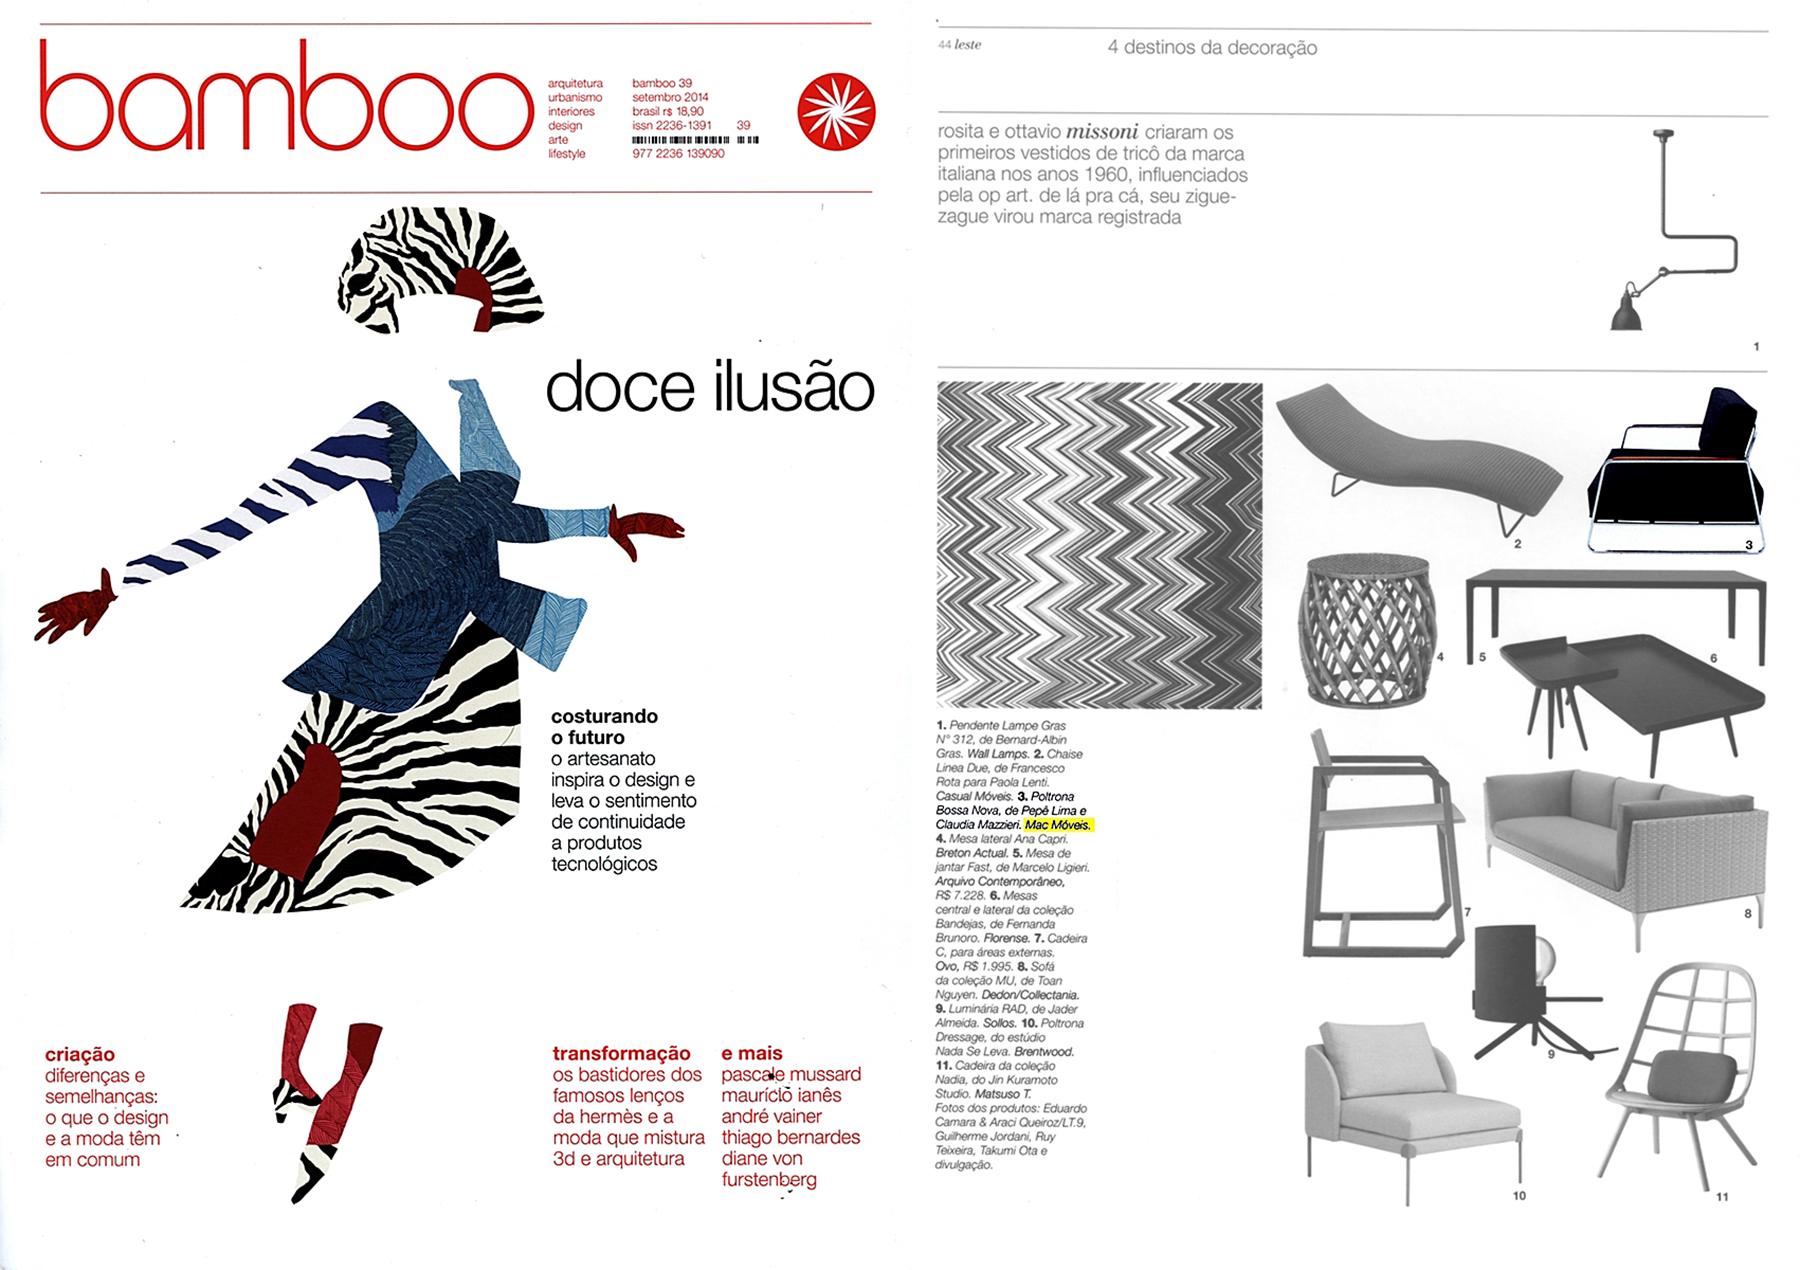 bamboo nº 39 - September 2014